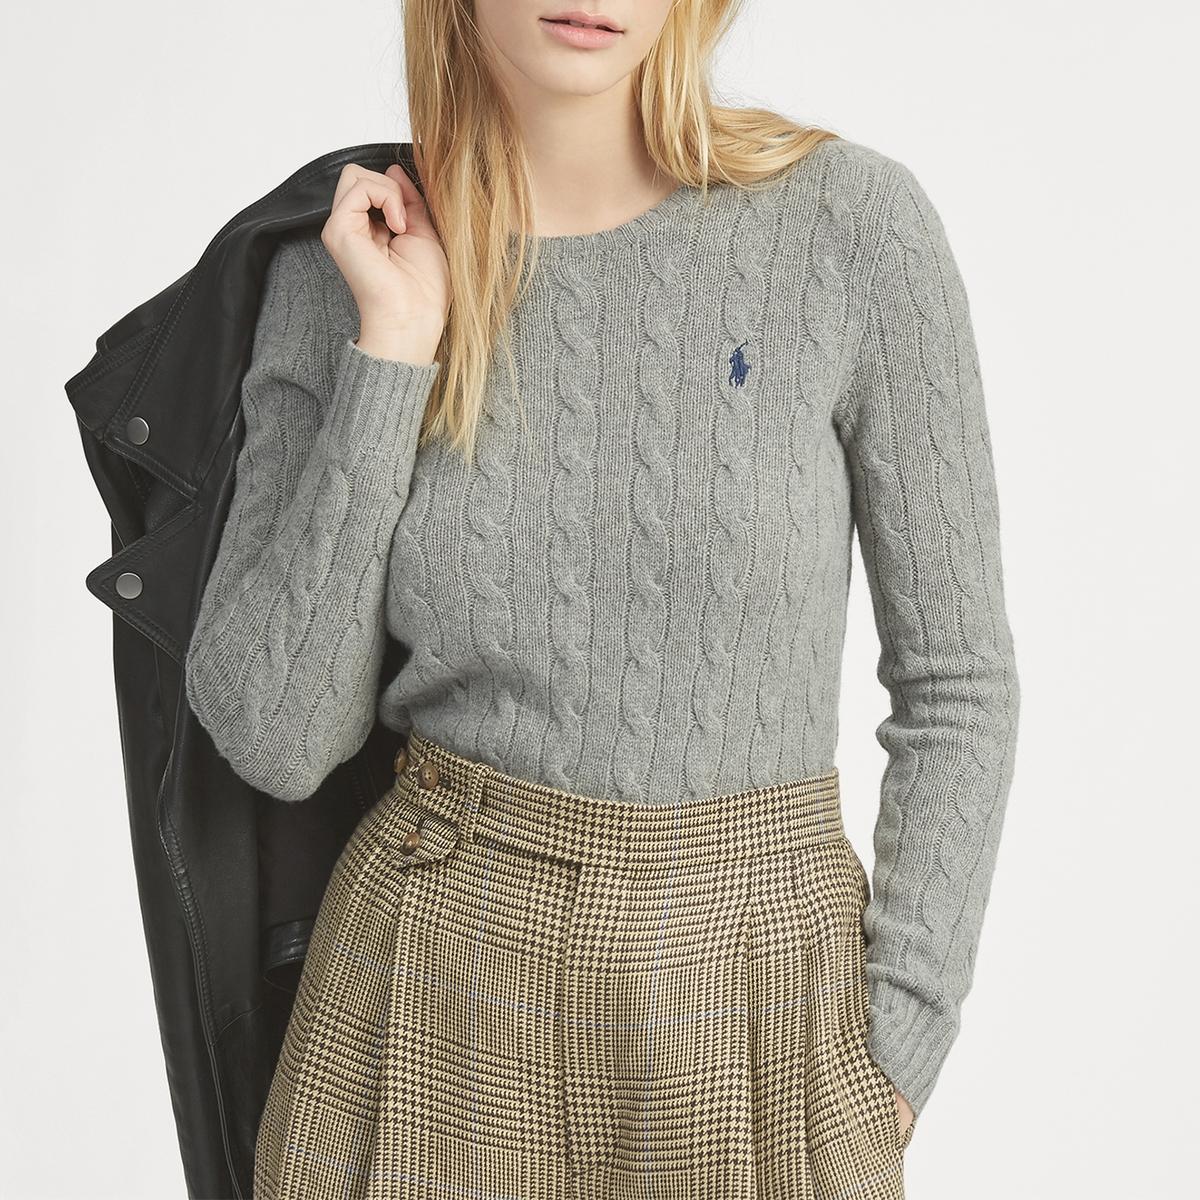 Пуловер La Redoute С круглым вырезом из трикотажа с узором косы L серый